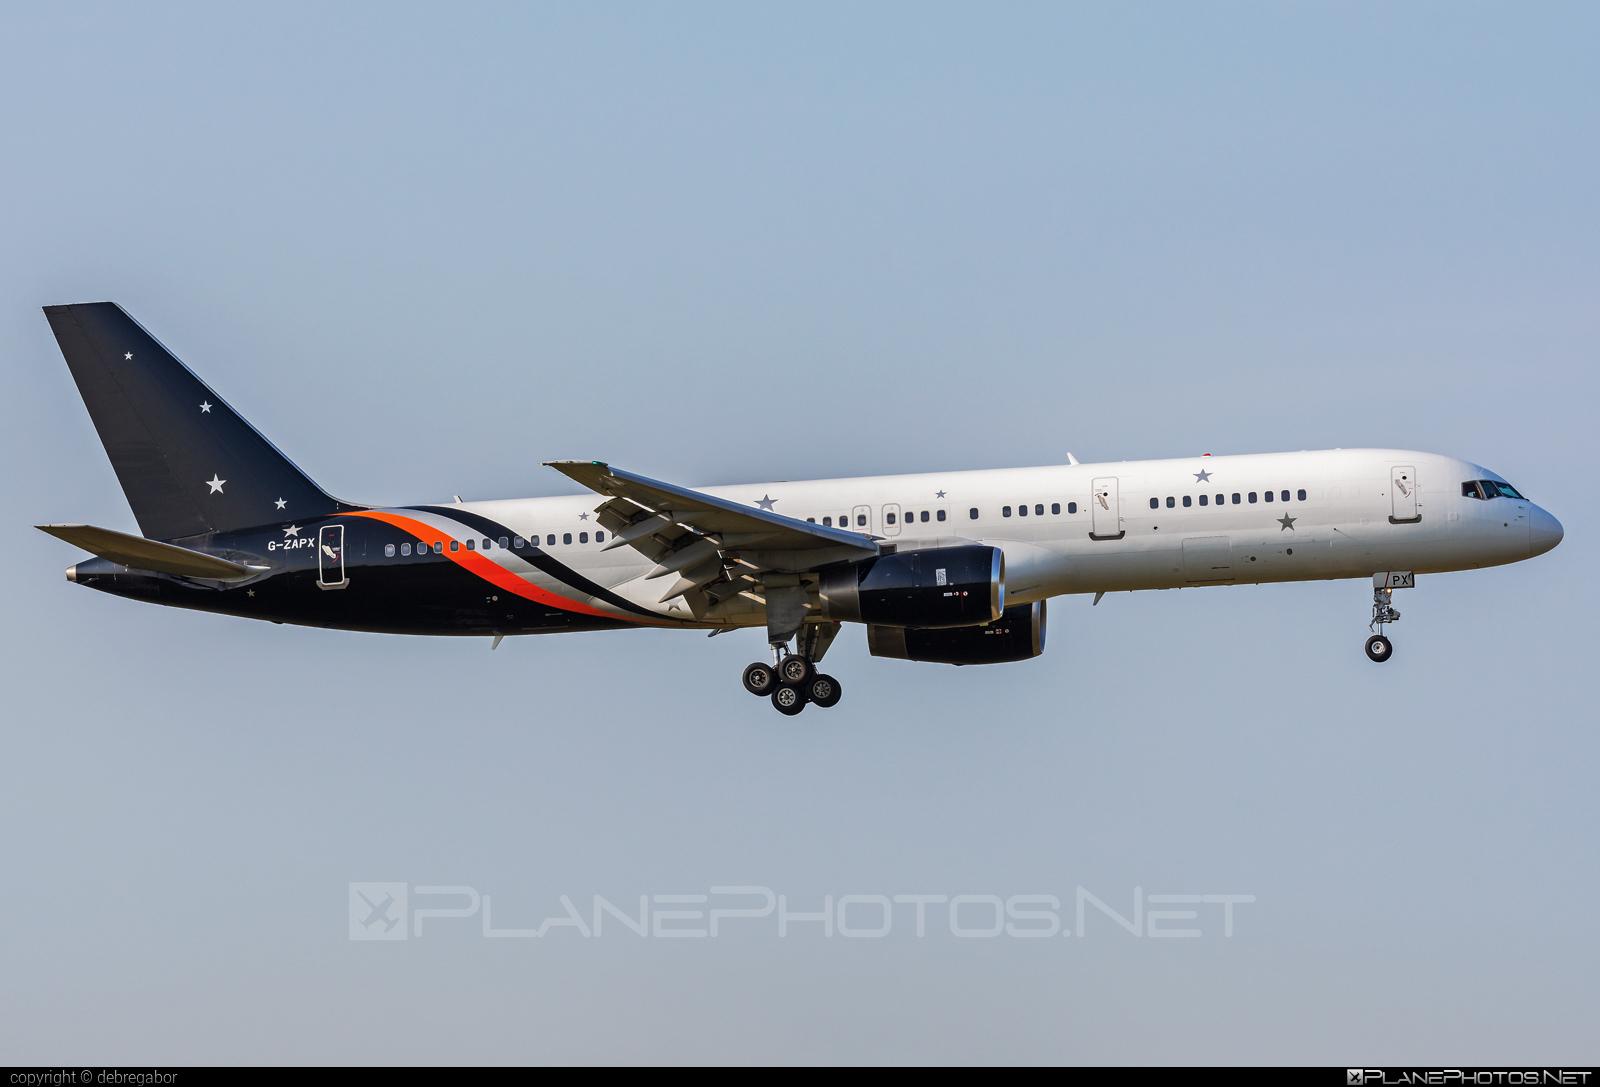 Boeing 757-200 - G-ZAPX operated by Titan Airways #b757 #boeing #boeing757 #titanairways